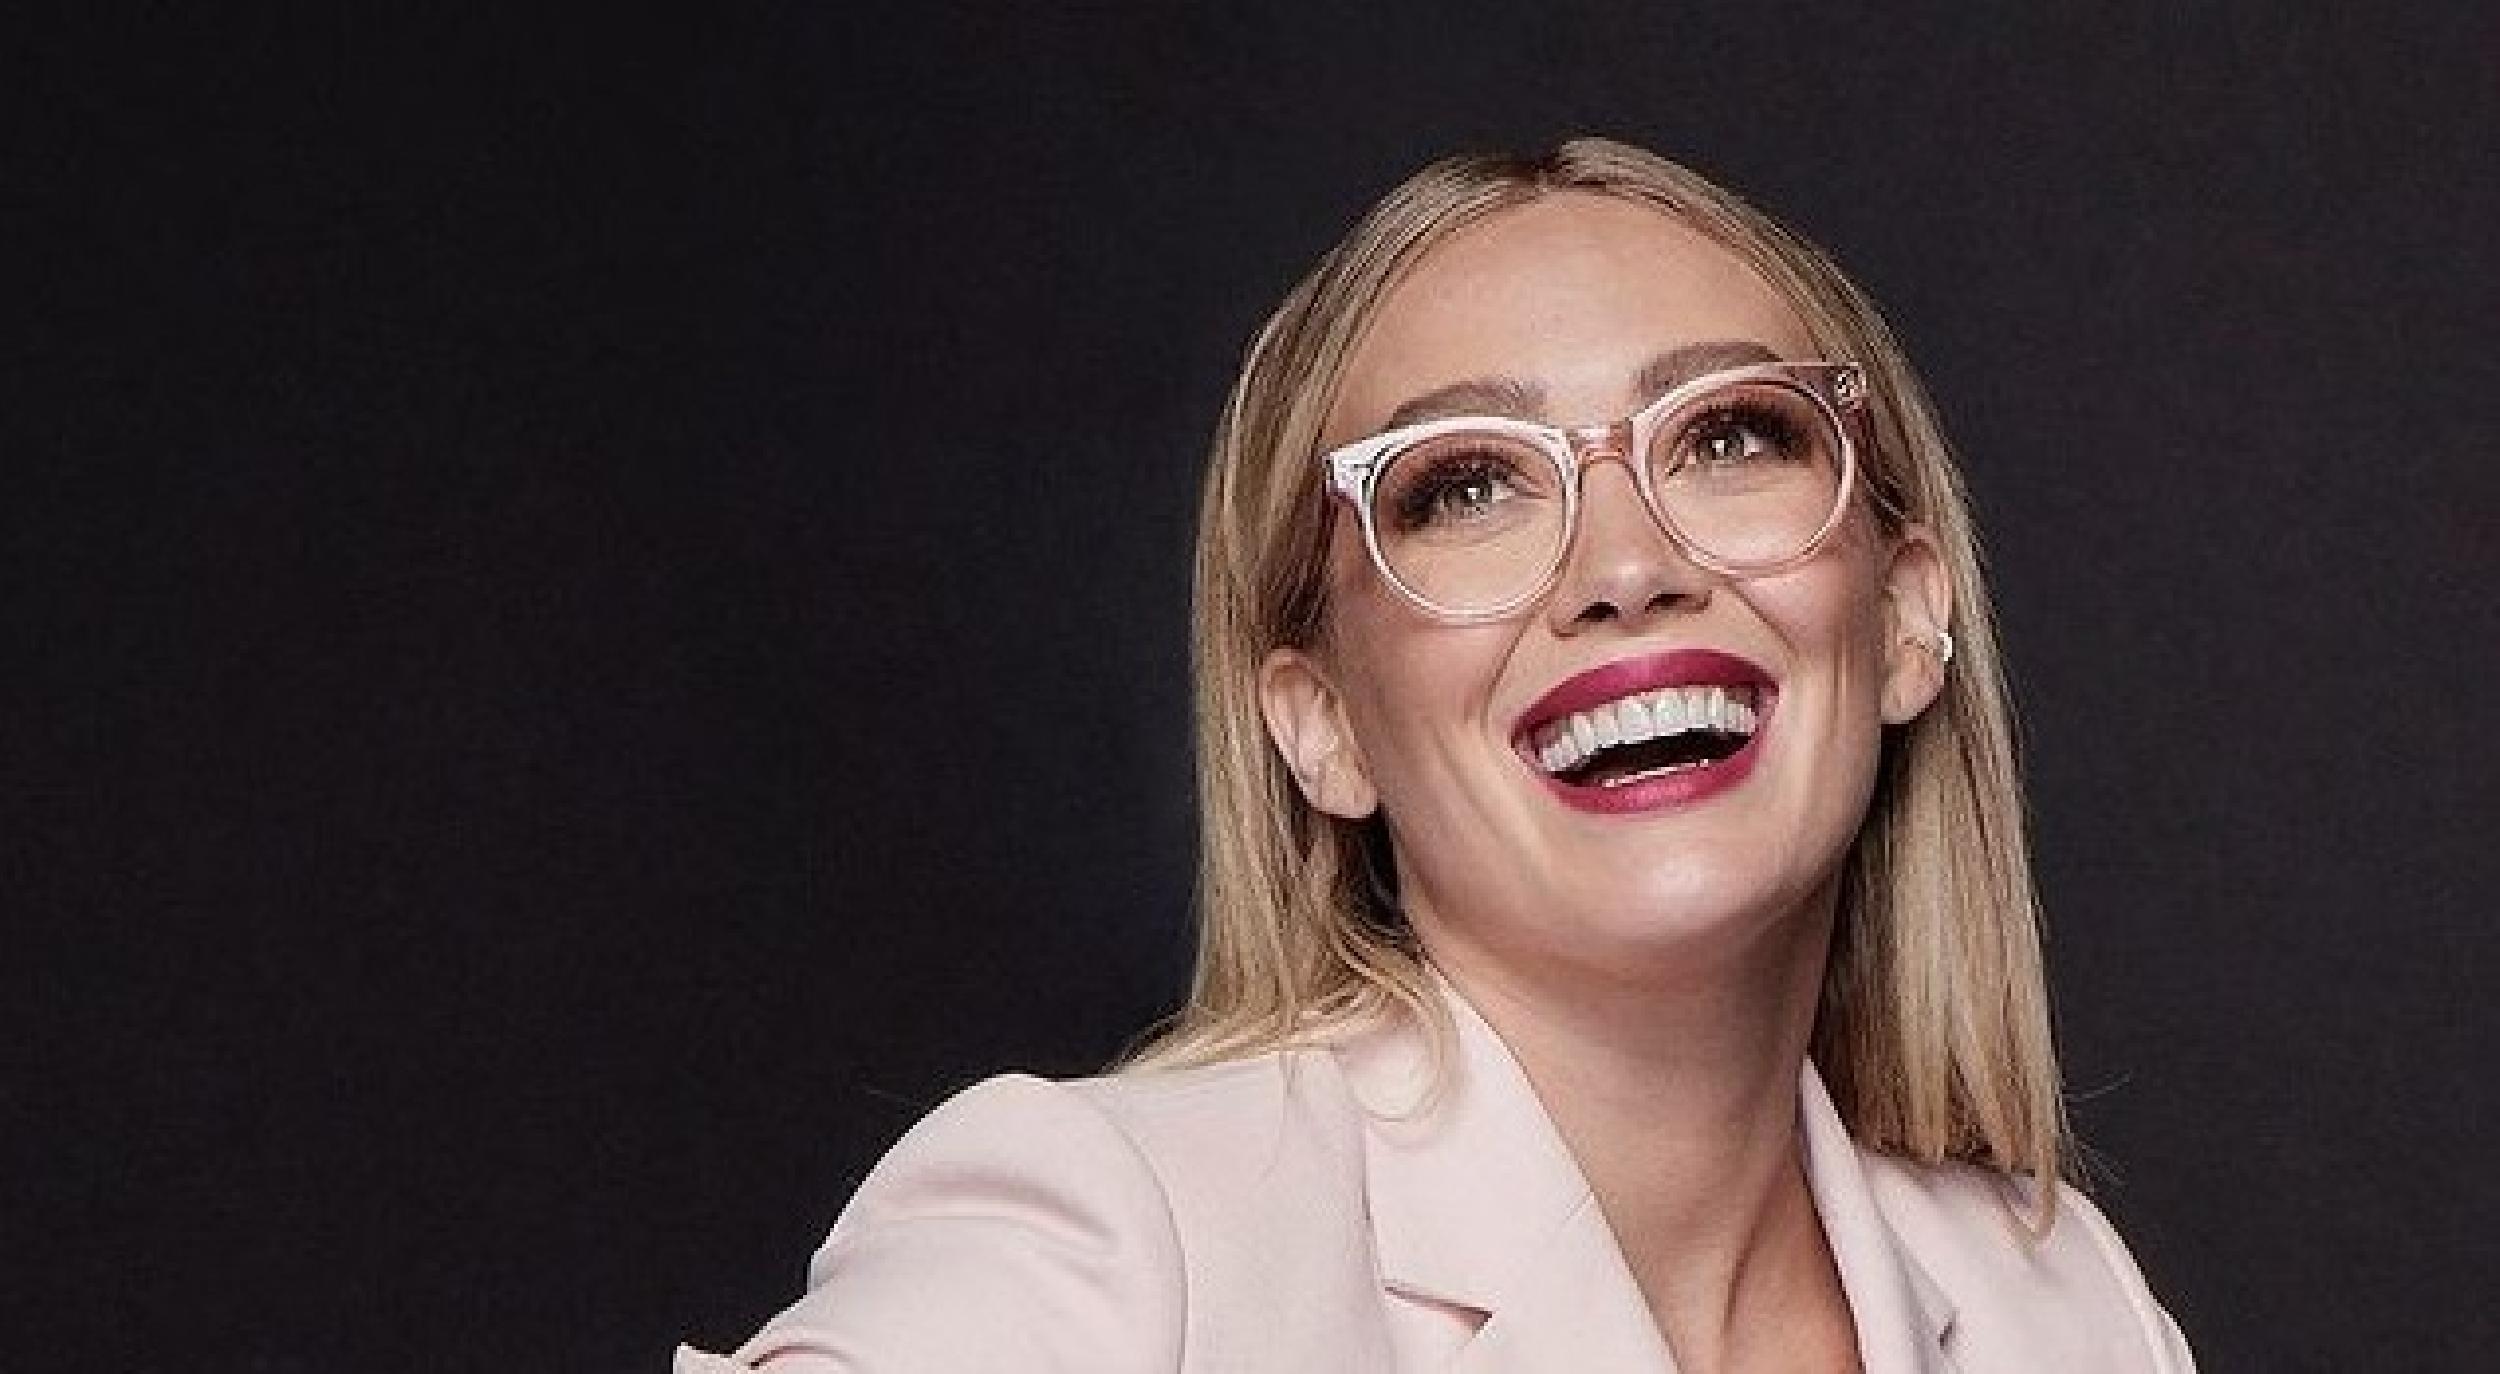 Oficiální! Právě se natáčí How I met your father! (HIMYF) A hlavní postavu ztvární Hilary Duff!